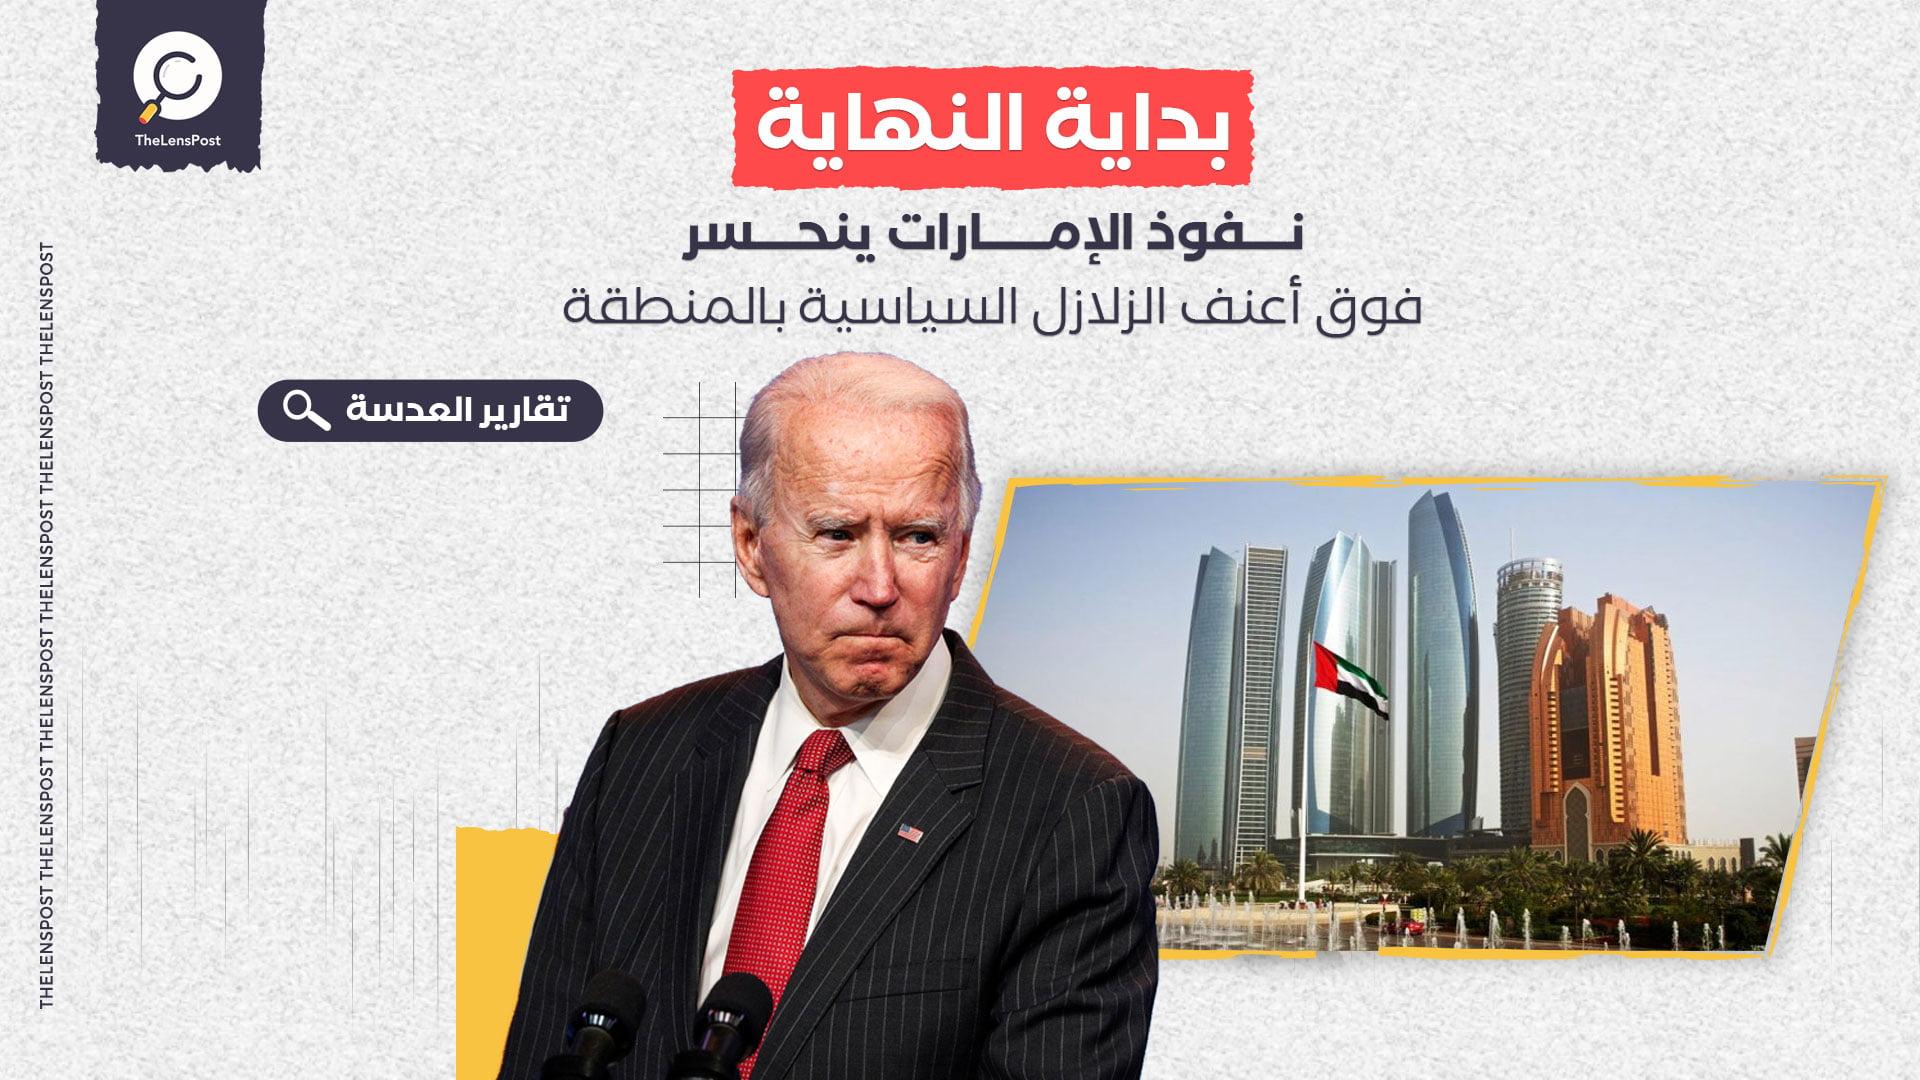 بداية النهاية.. نفوذ الإمارات ينحسر فوق أعنف الزلازل السياسية بالمنطقة